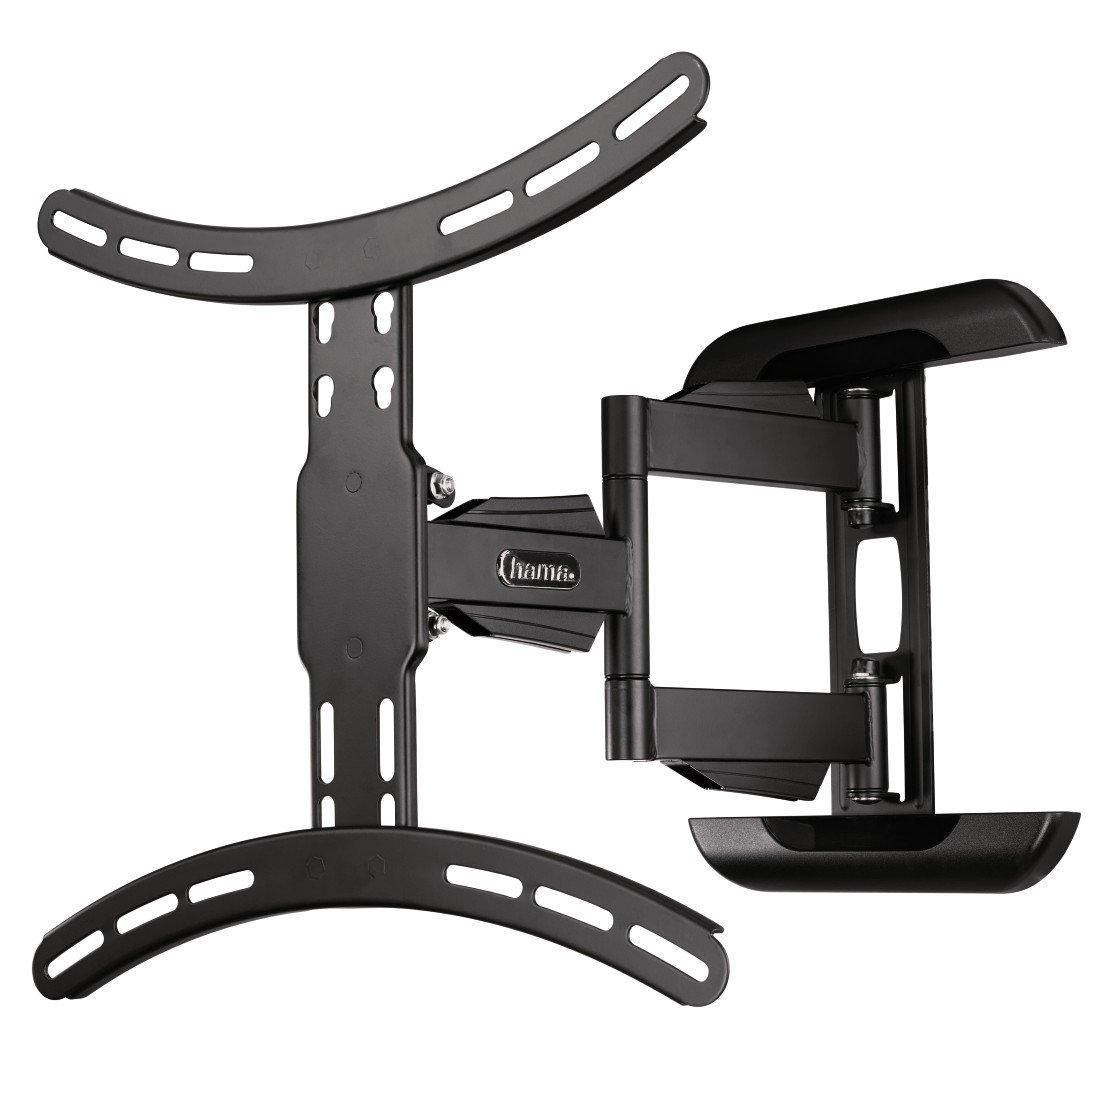 Hama MUURBEUGEL FULL MOT 1 STER XL  ZW 56 »102cm (40), 140cm (55) LED LCD« - gratis ruilen op otto.nl